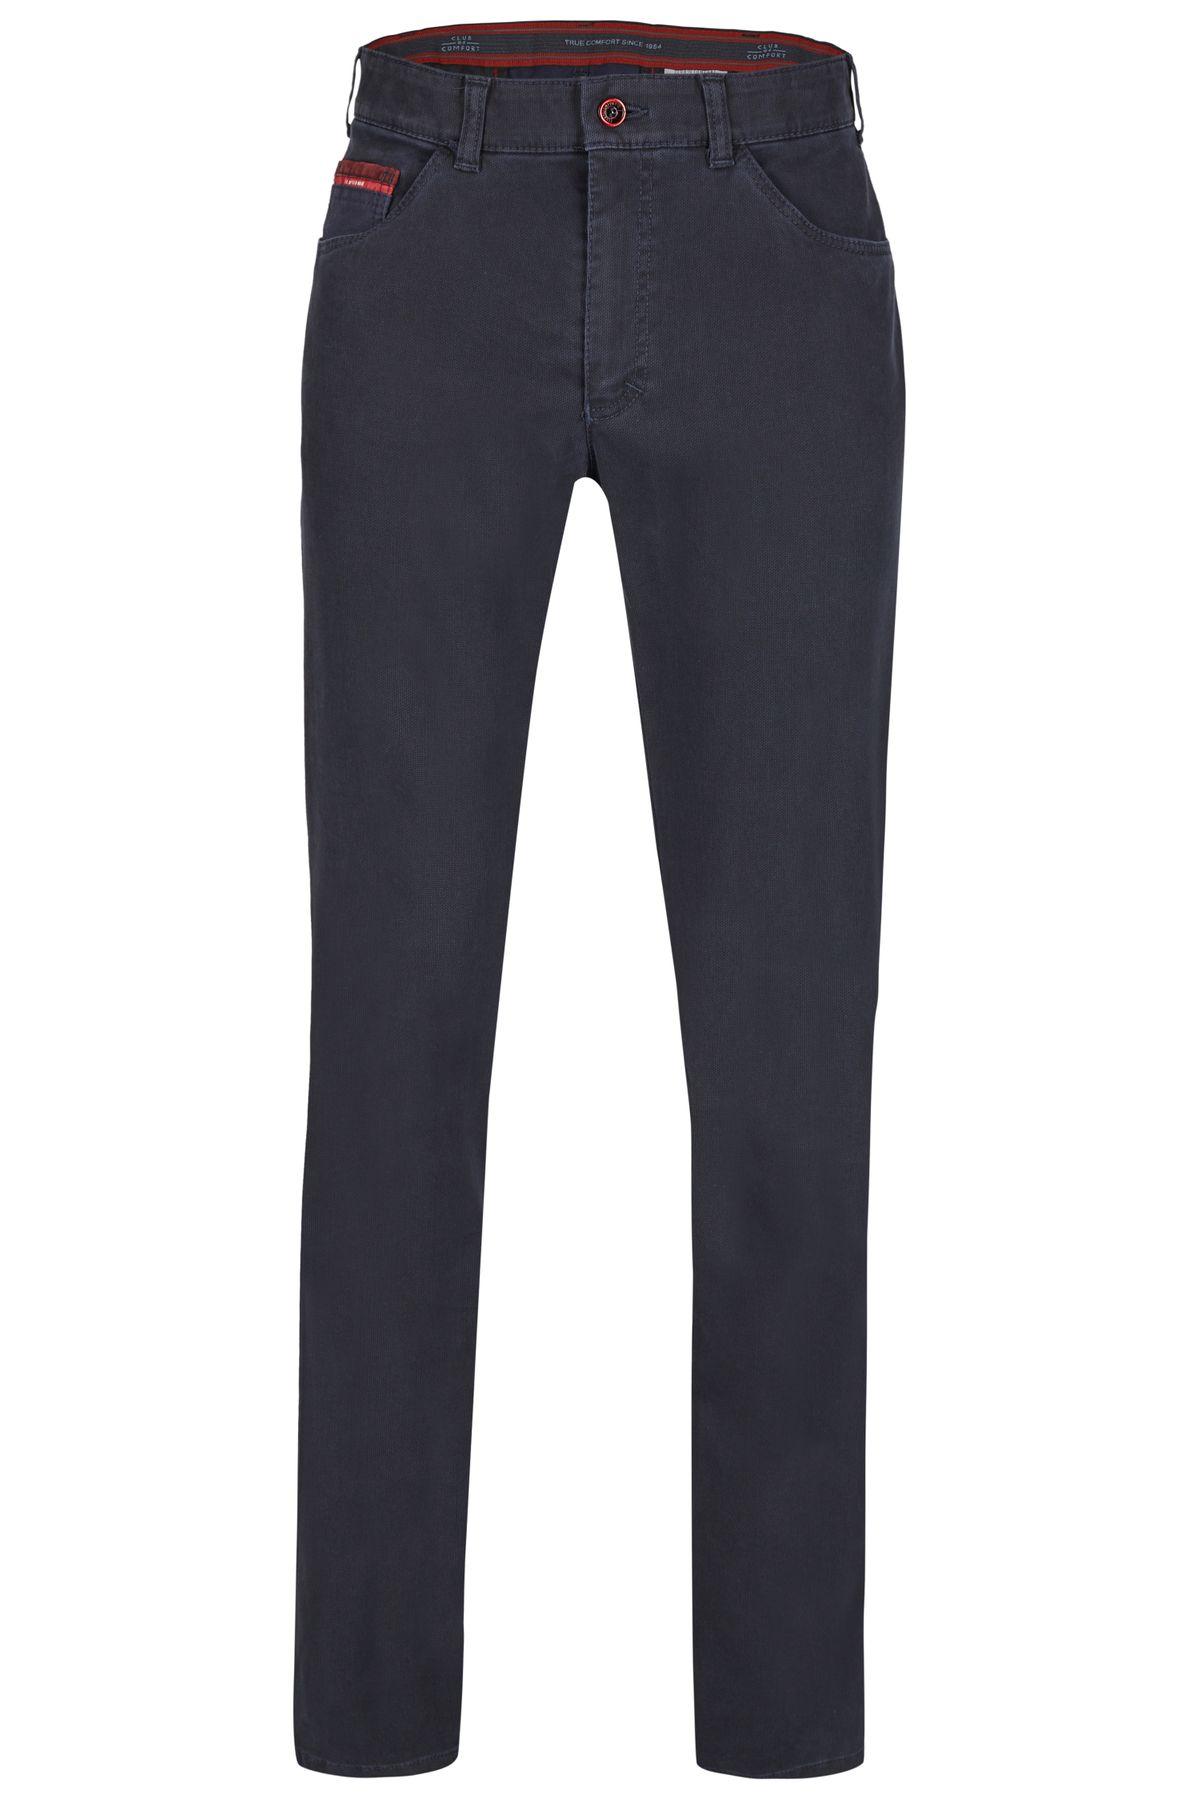 Club of Comfort - Herren Modifizierte Five-Pocket-Hose, Keno (6613) – Bild 1